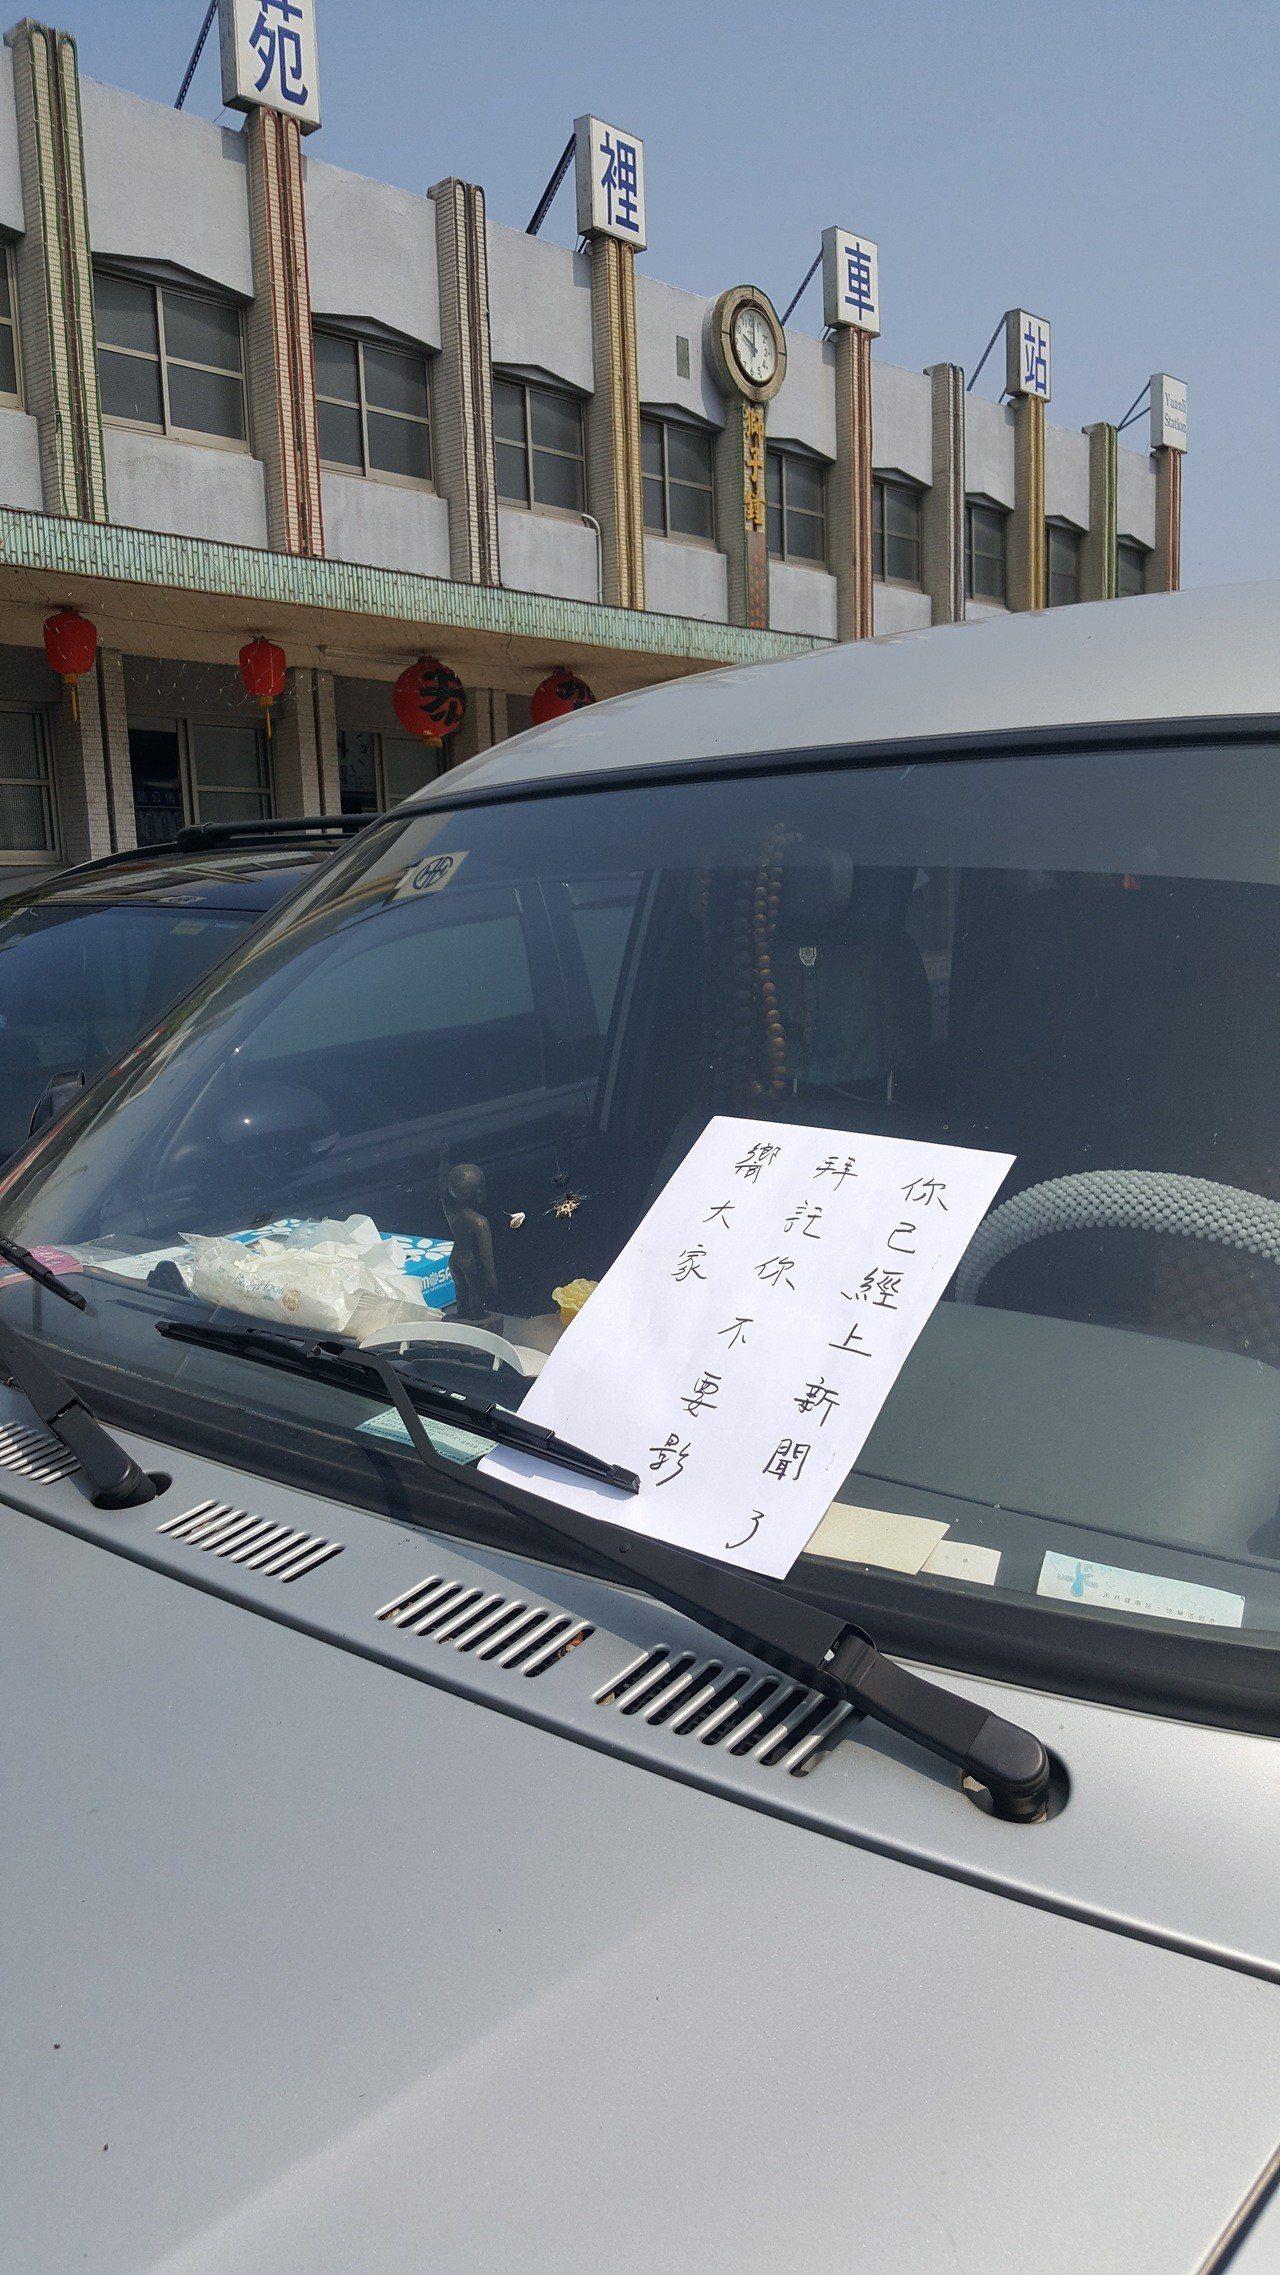 苗栗縣苑裡火車站廣場的免費停車格,有一名婦人經常長期停放車輛,引起非議,苑裡鎮長...